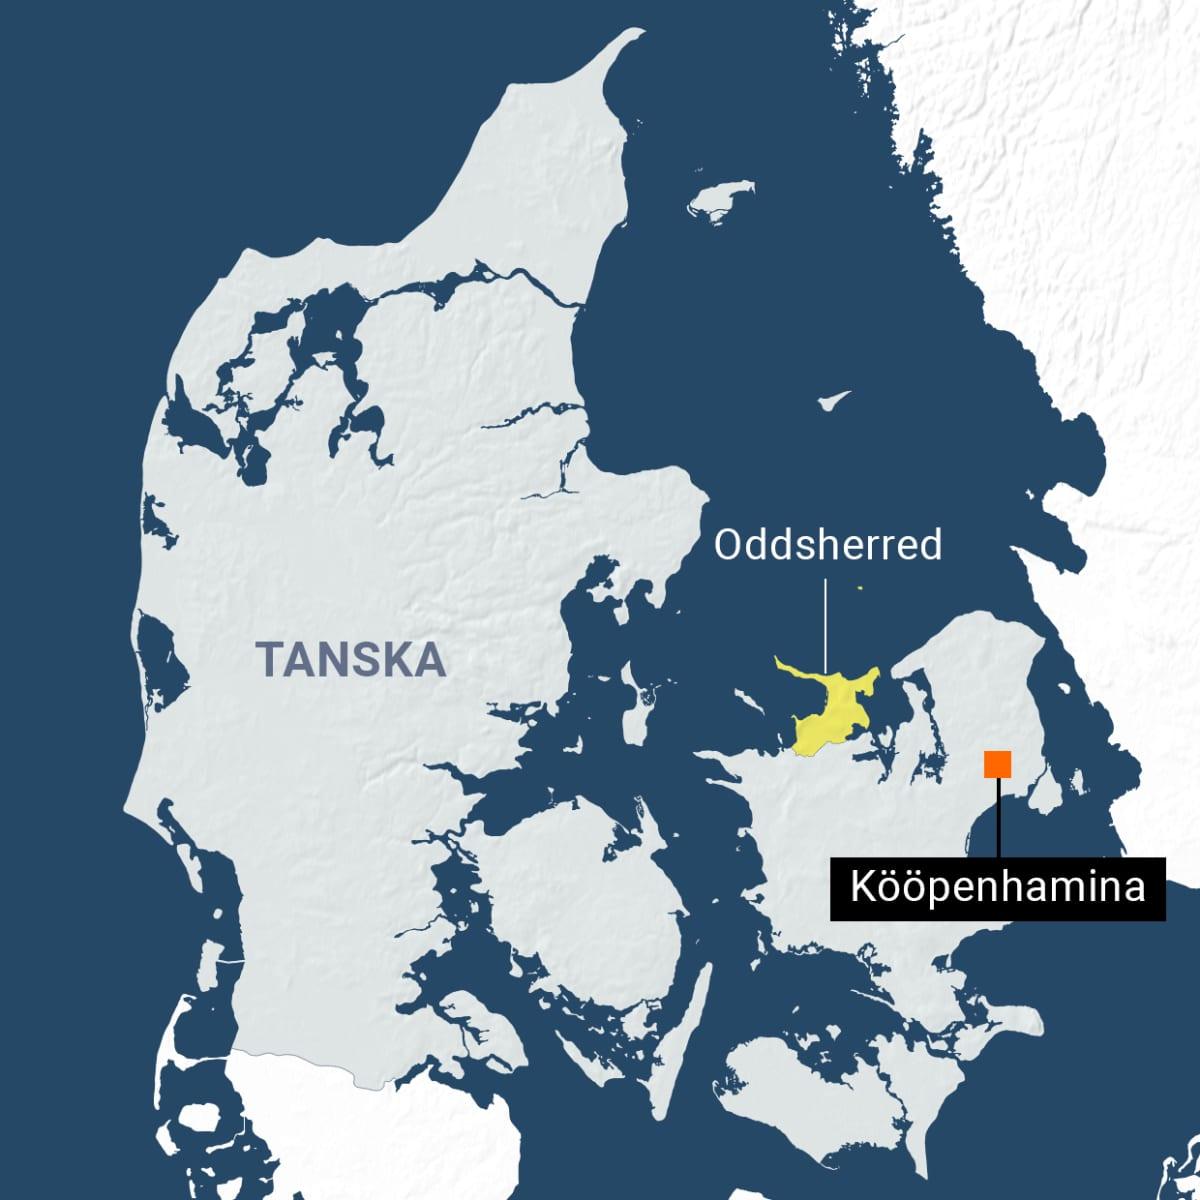 Oddsherred merkittynä Tanskan kartalle.